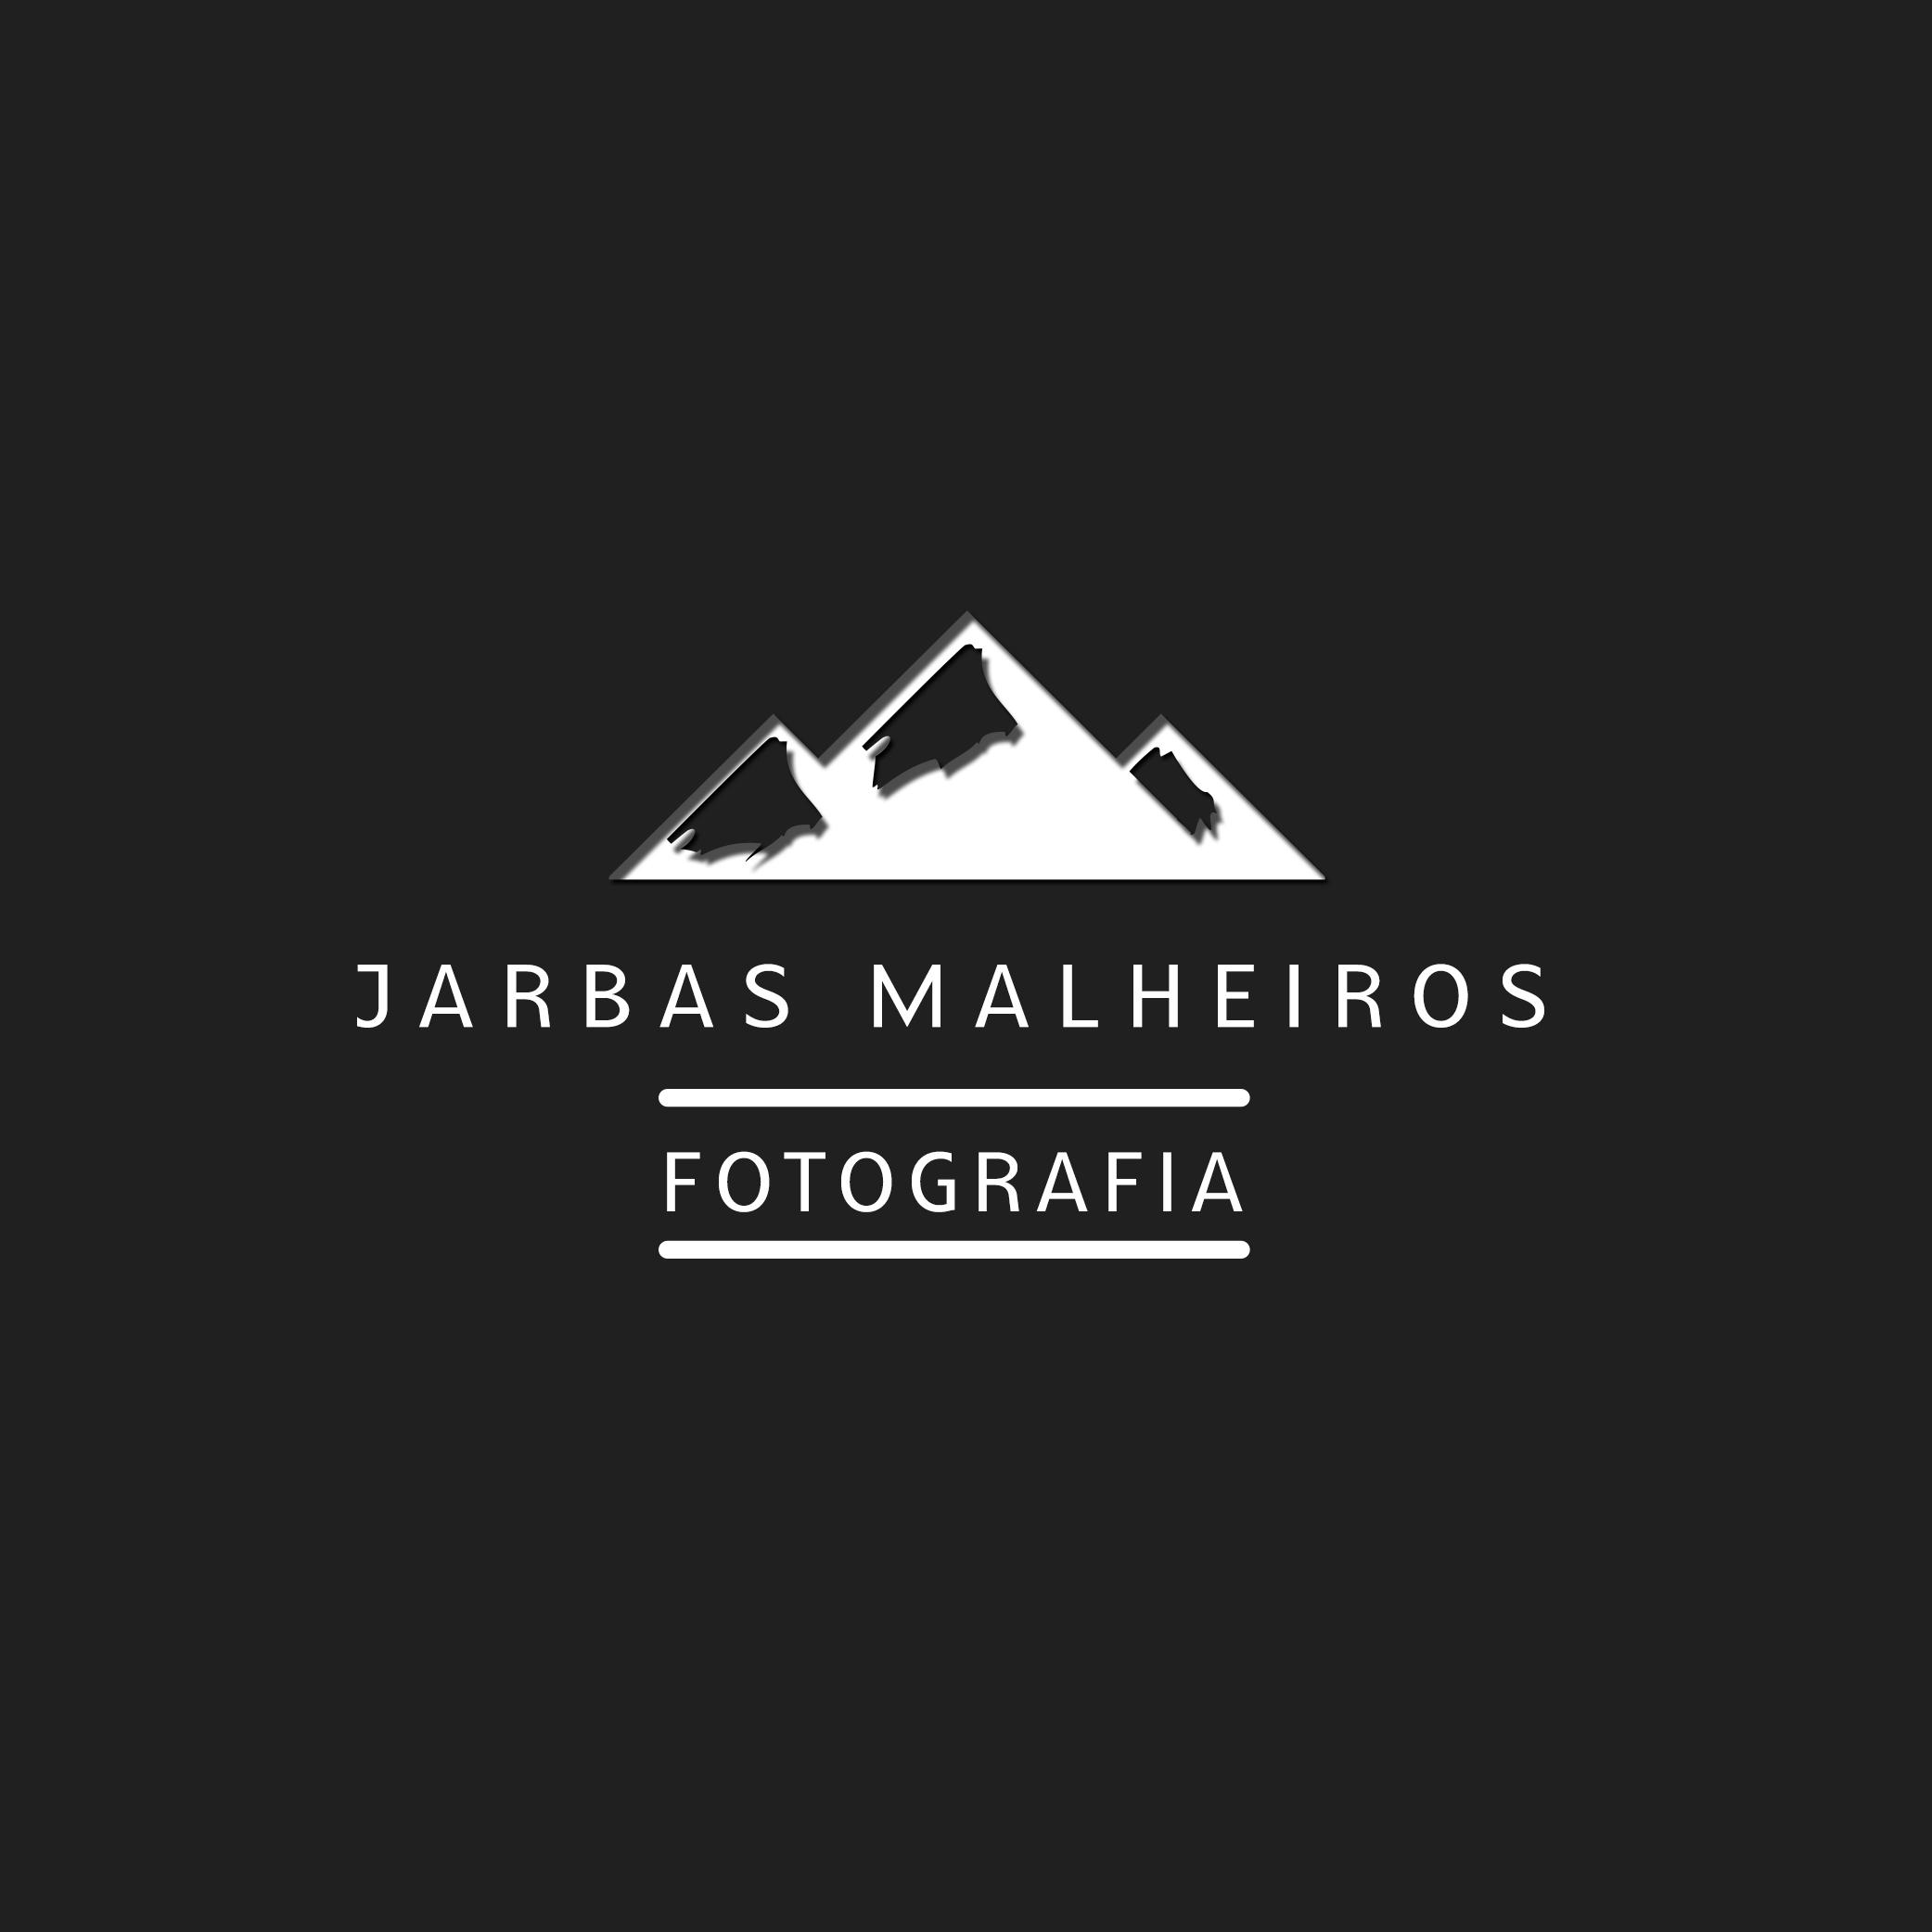 Contate Fotógrafo de casamento - Cuiabá - Jarbas Malheiros Fotografia